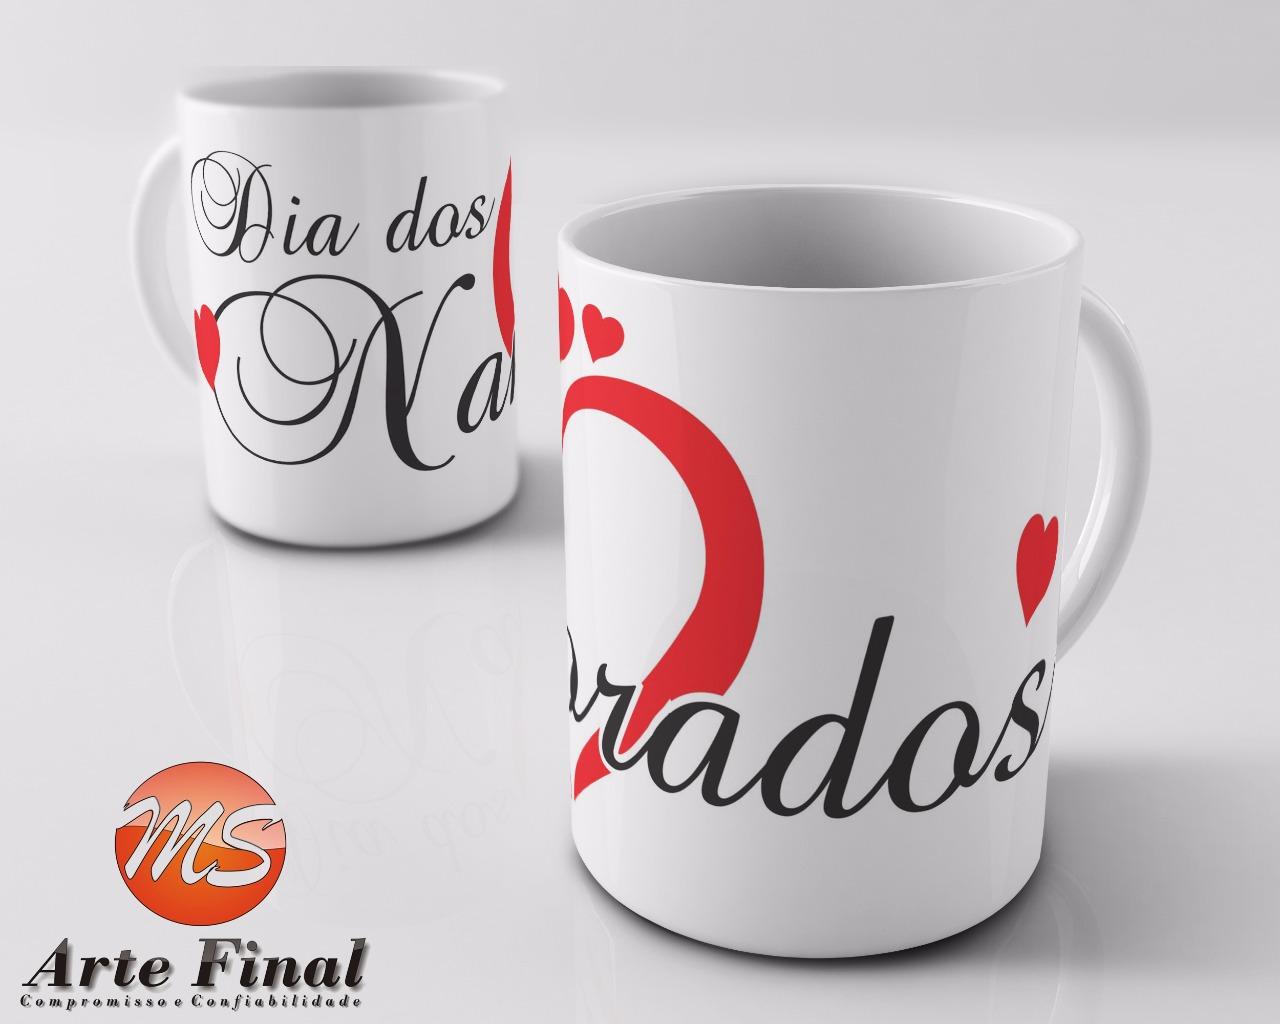 Caneca Personalizada Dia Dos Namorados No Elo7 Ms Arte Final 96480c